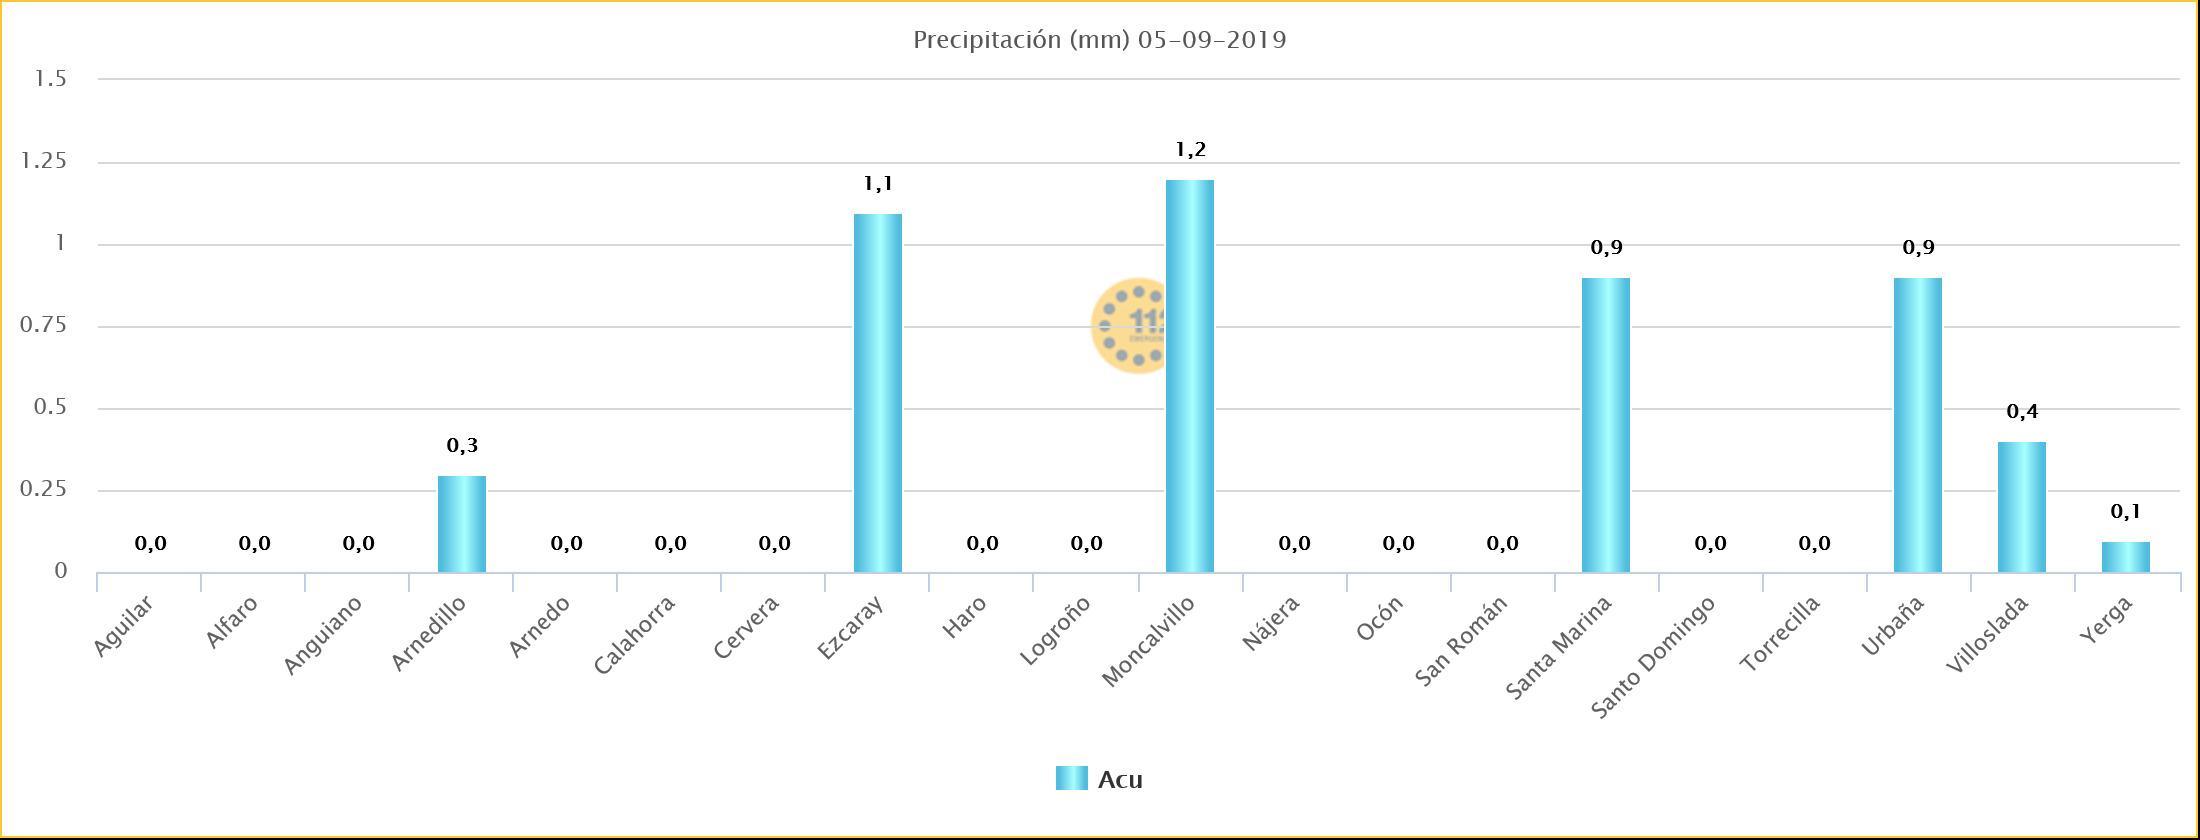 Datos de precipitación de estaciones de SOS Rioja. Meteosojuela